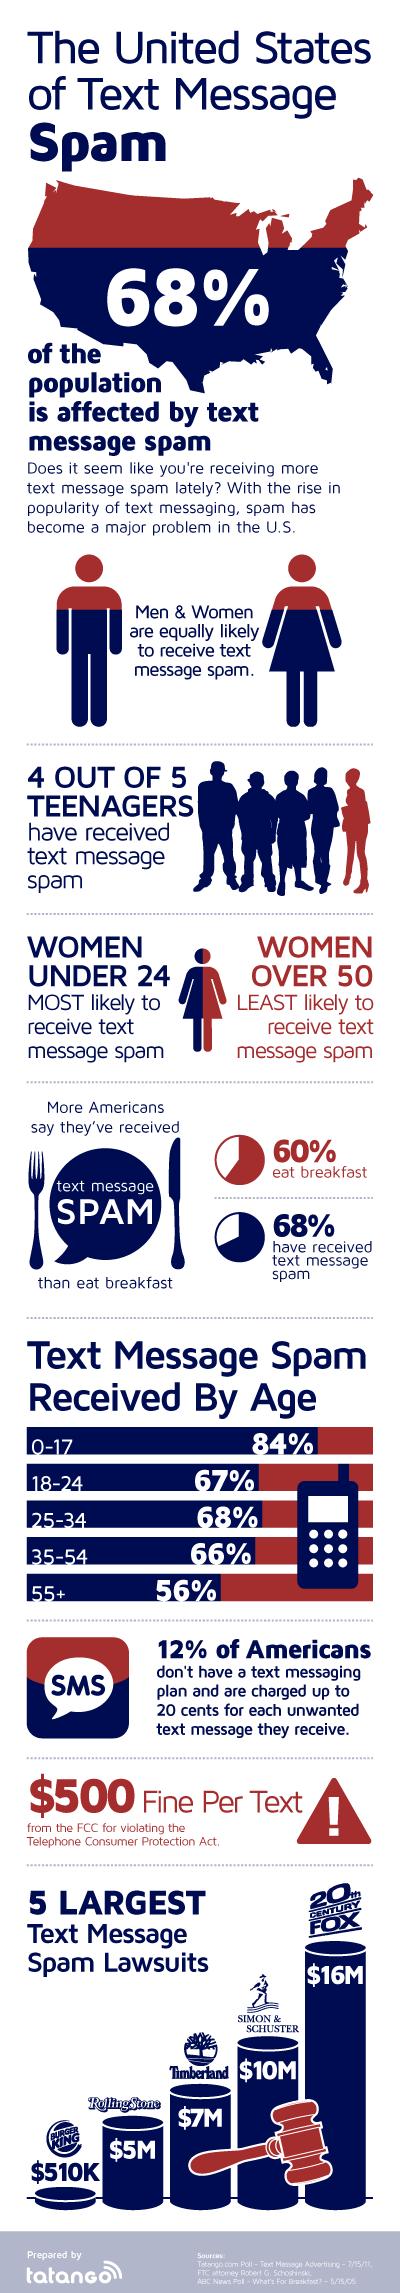 Mensajes de spam en Estados Unidos